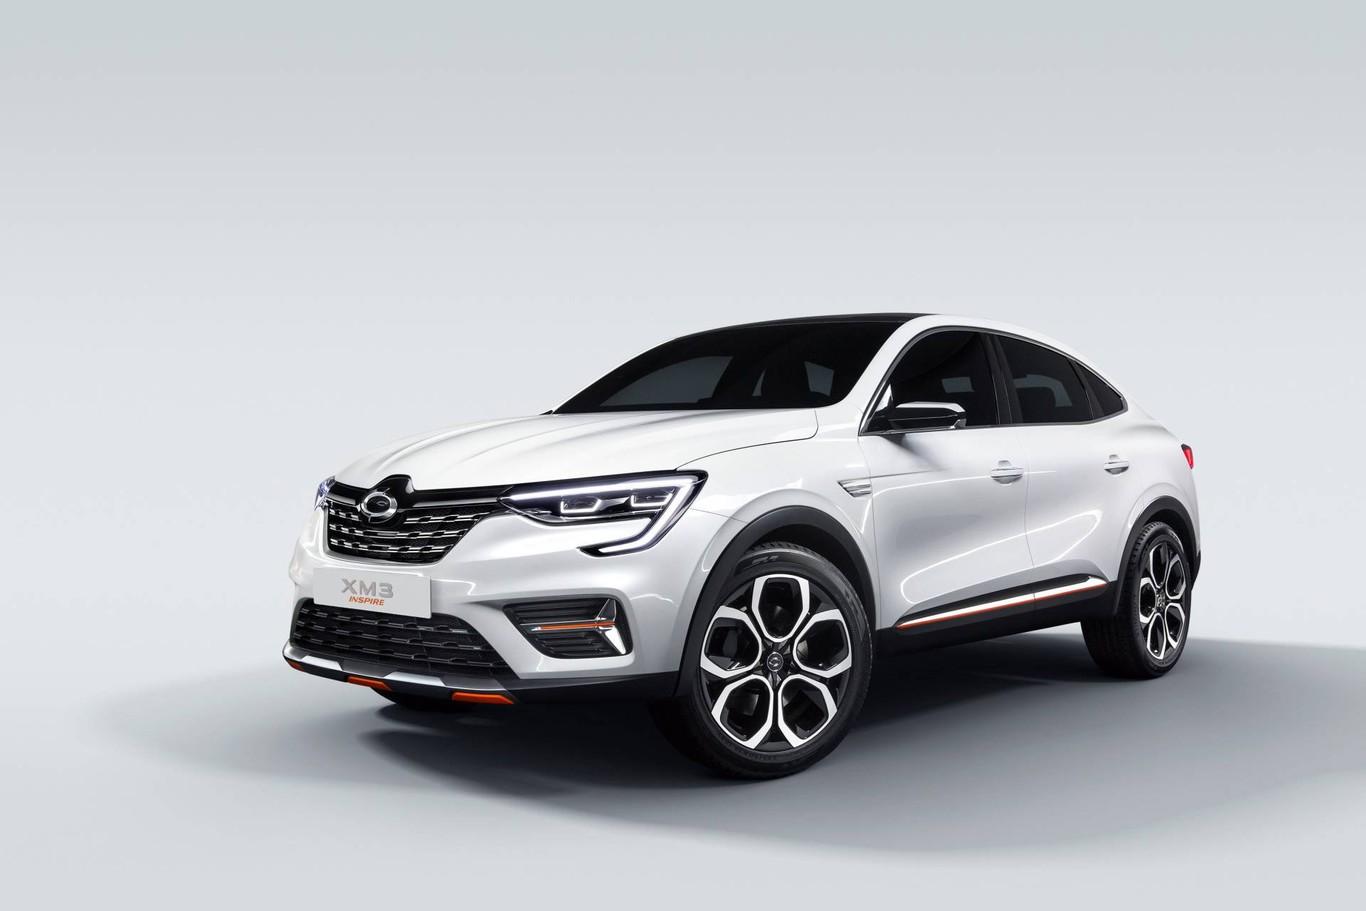 cd9b793c0101 El Renault Samsung XM3 Inspire es un SUV compacto para el mercado de Corea  del Sur basado en el ARKANA